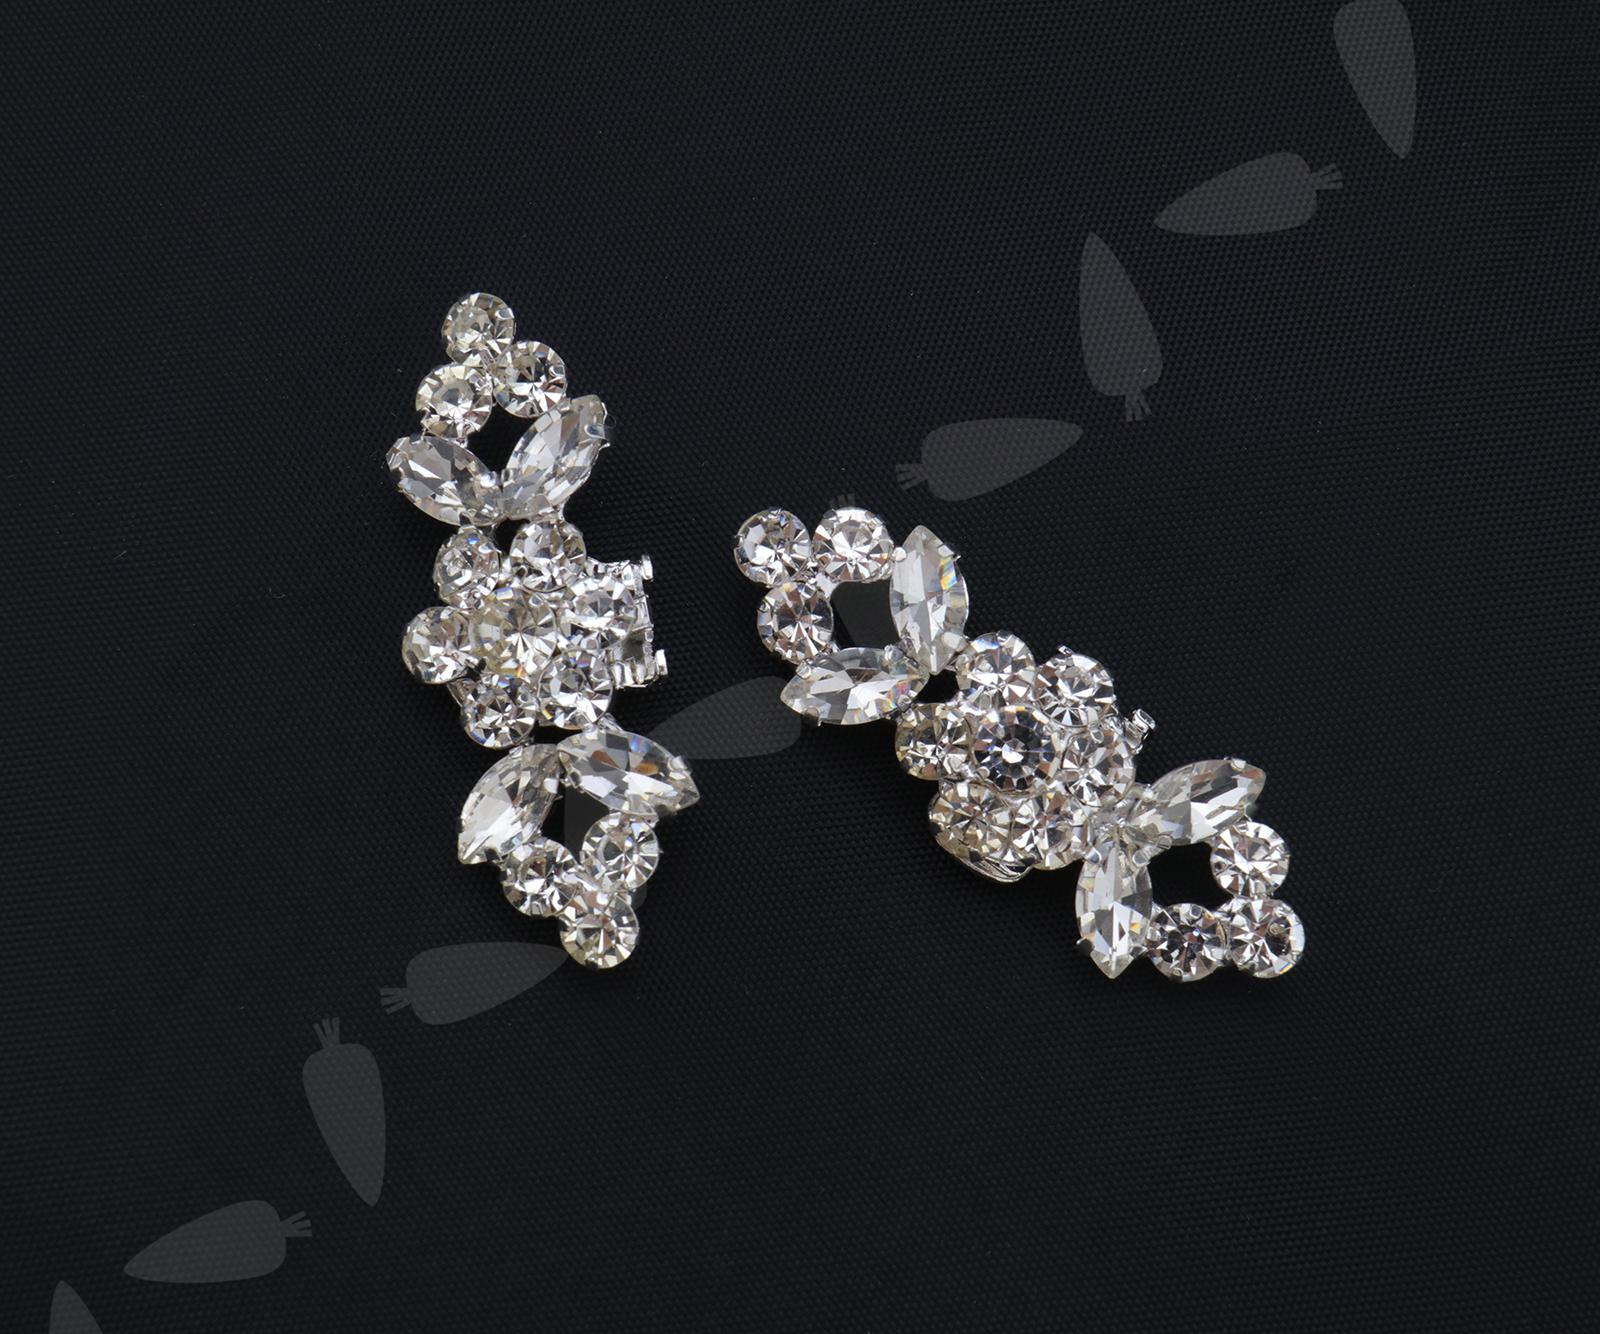 2X Charm Crystal Rhinestone Diamante Wedding Lady Shoe Clips Buckle Decor